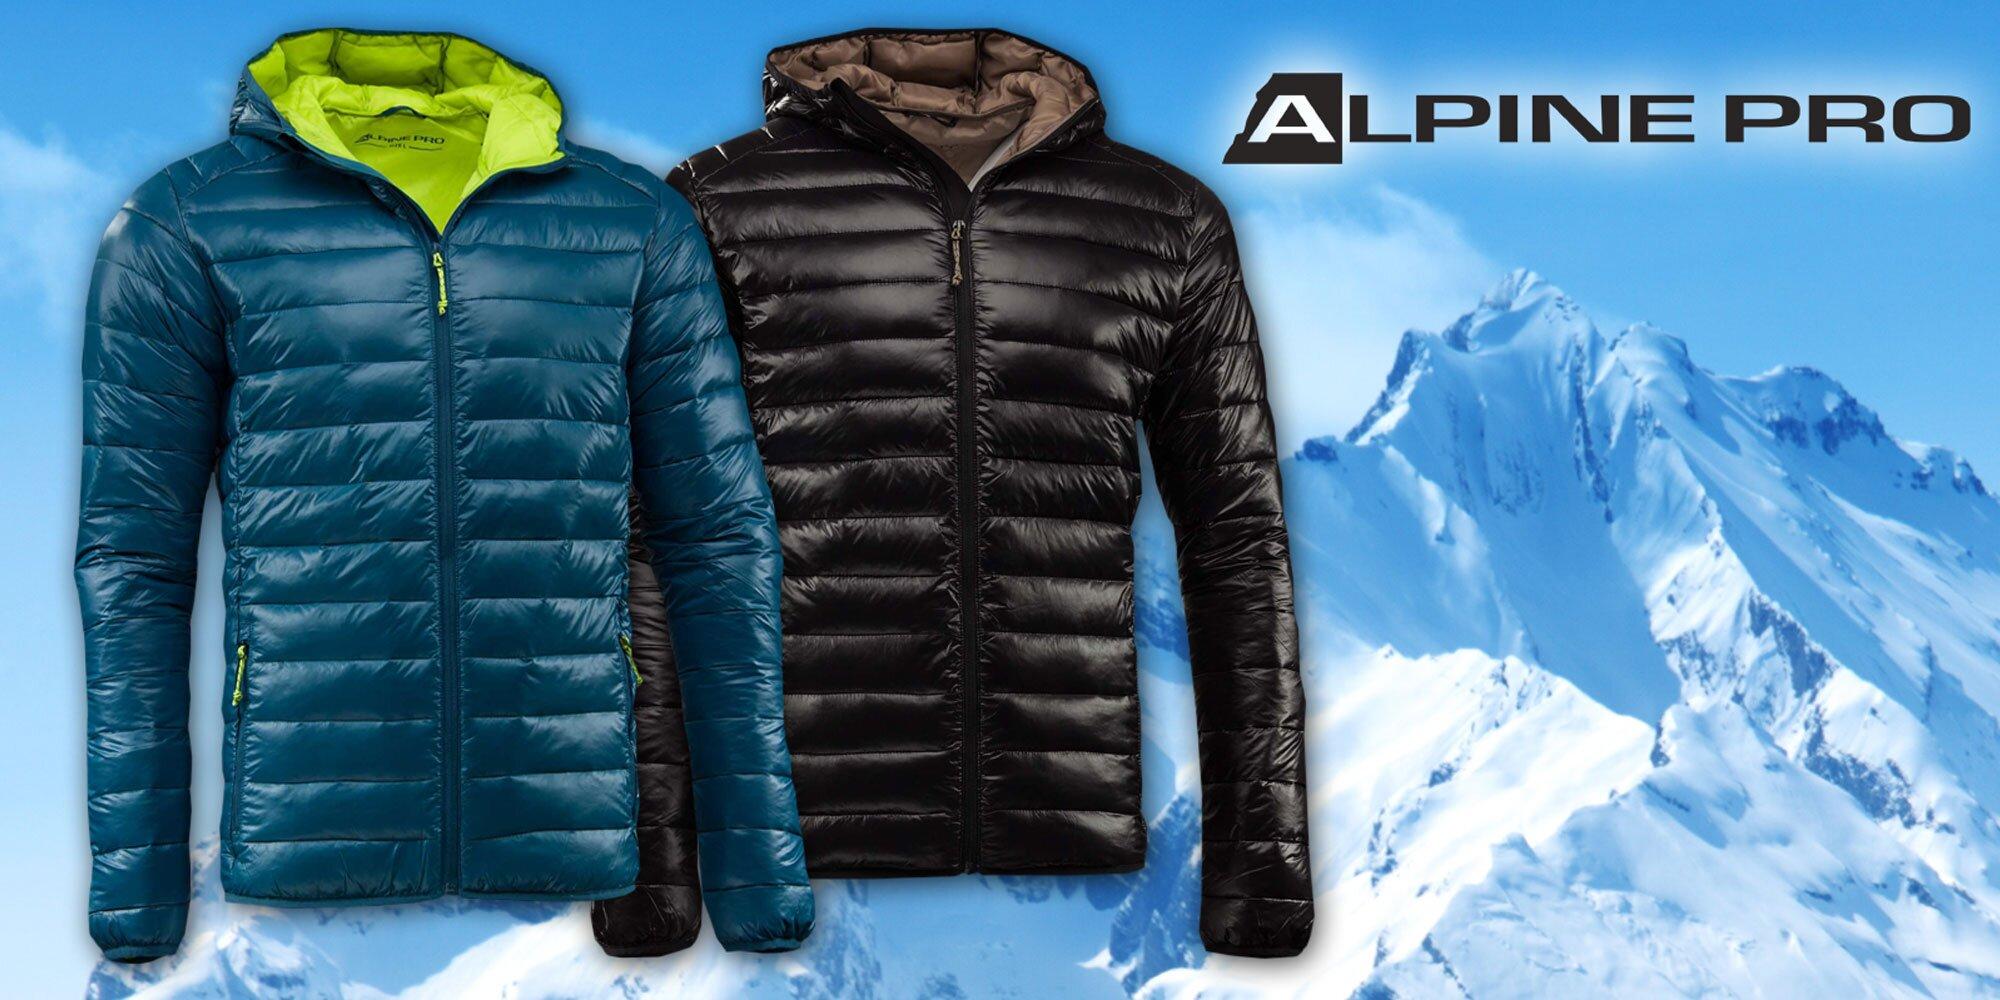 5d54e5a837a3 Pánska zimná bunda Alpine Pro